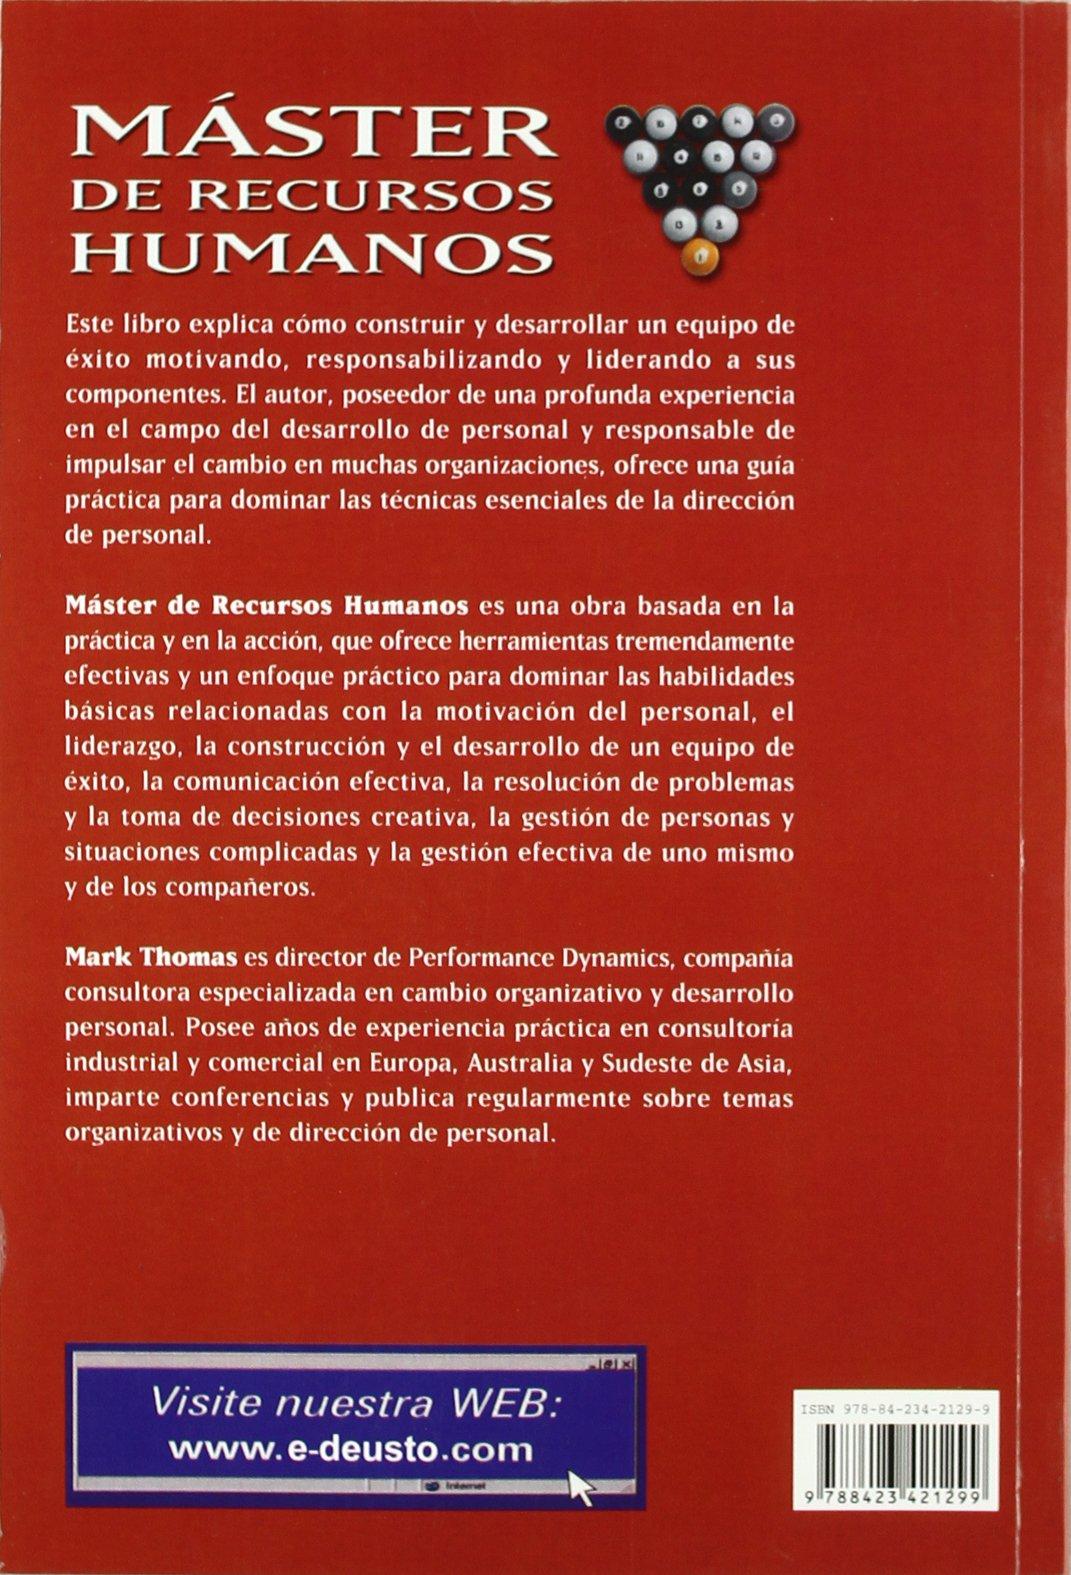 Máster de recursos humanos: Construir un equipo de éxito: motivar,responsabilizar y liderar: Amazon.es: Thomas, Mark: Libros